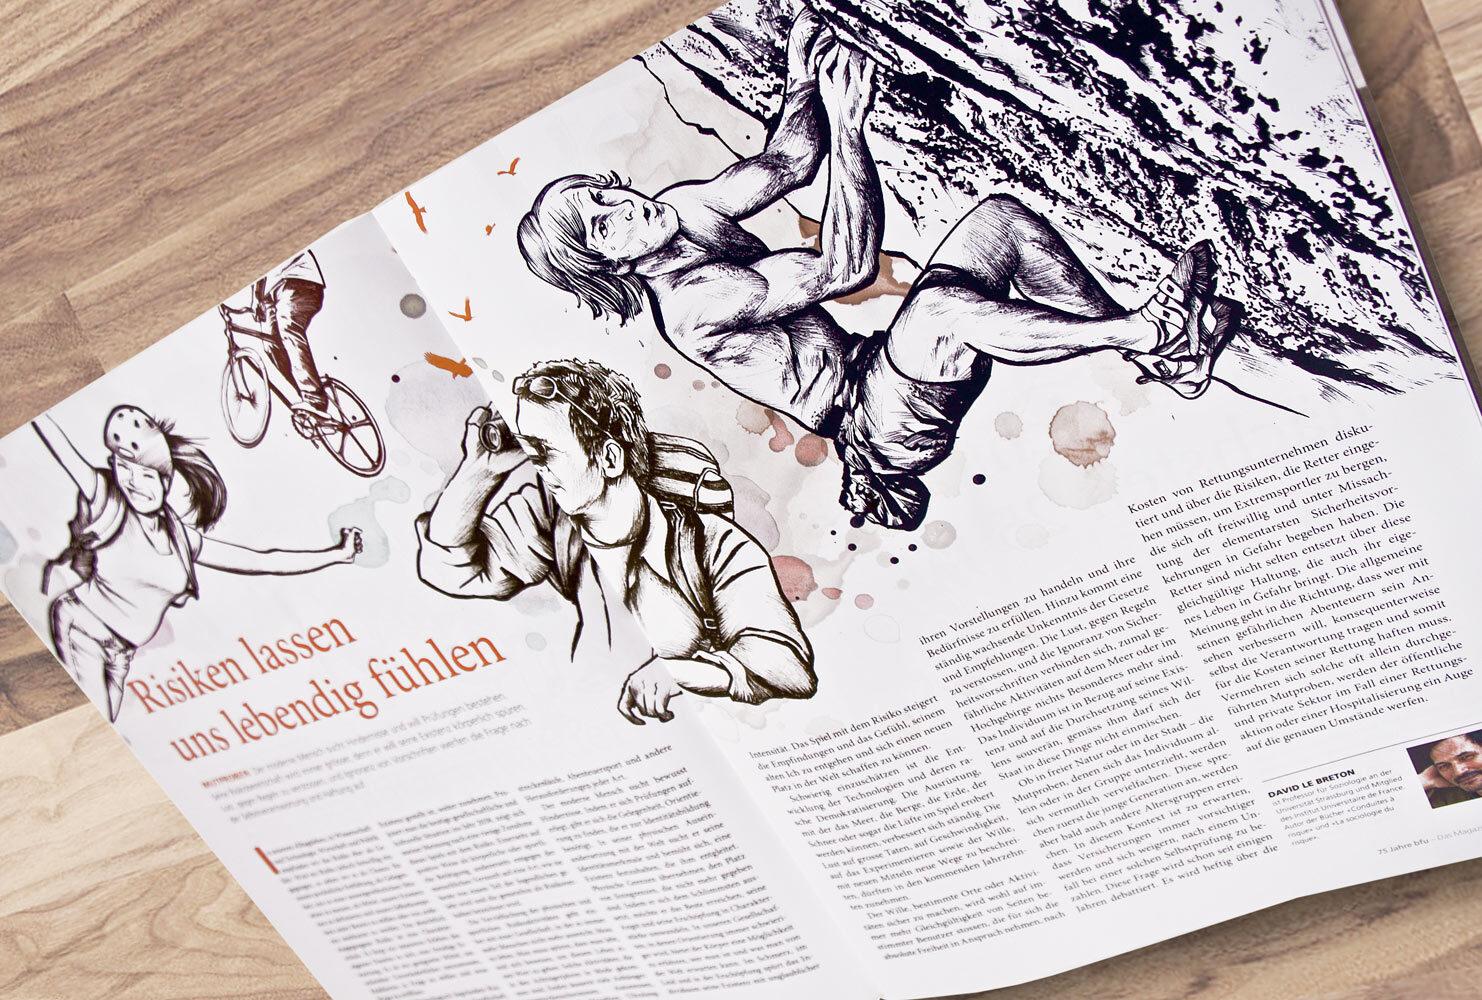 Bild 5 - Kornel Illustration | Kornel Stadler portfolio